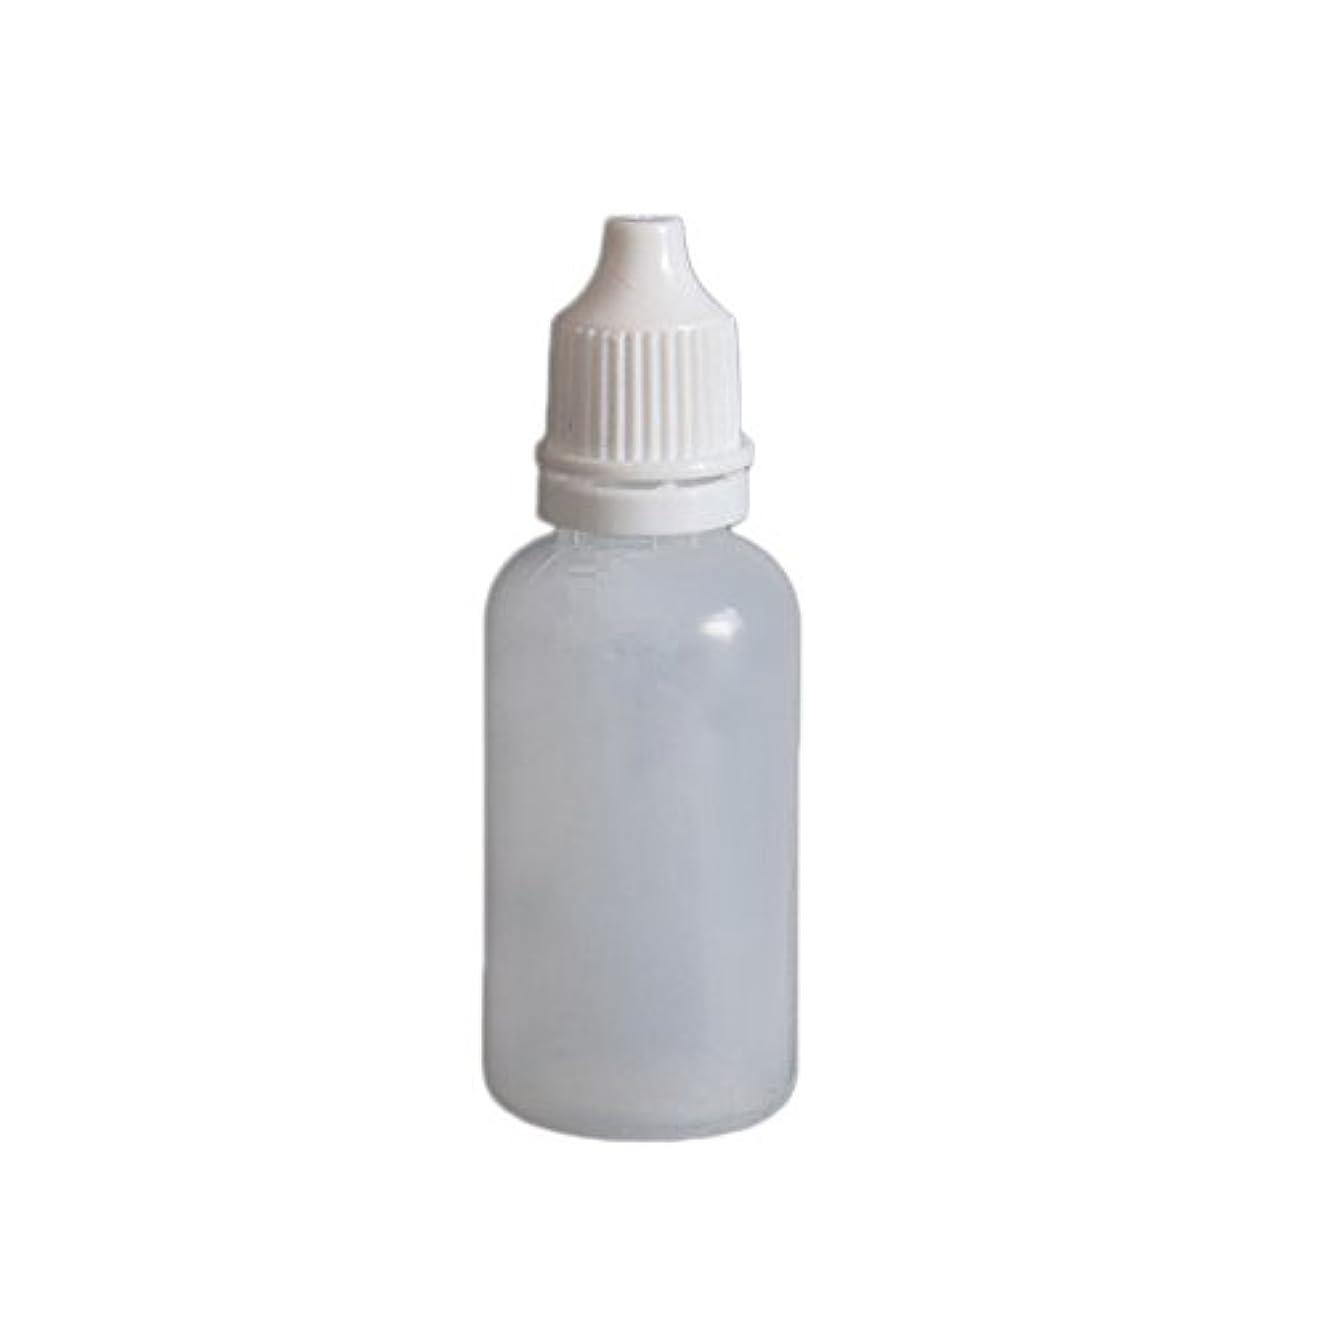 ランダム太鼓腹クッションGrandmart プラスチックスポイト瓶 目薬スポイト瓶 ドロッパーボトル スポイトタイプ容器点眼 滴瓶 10個セット